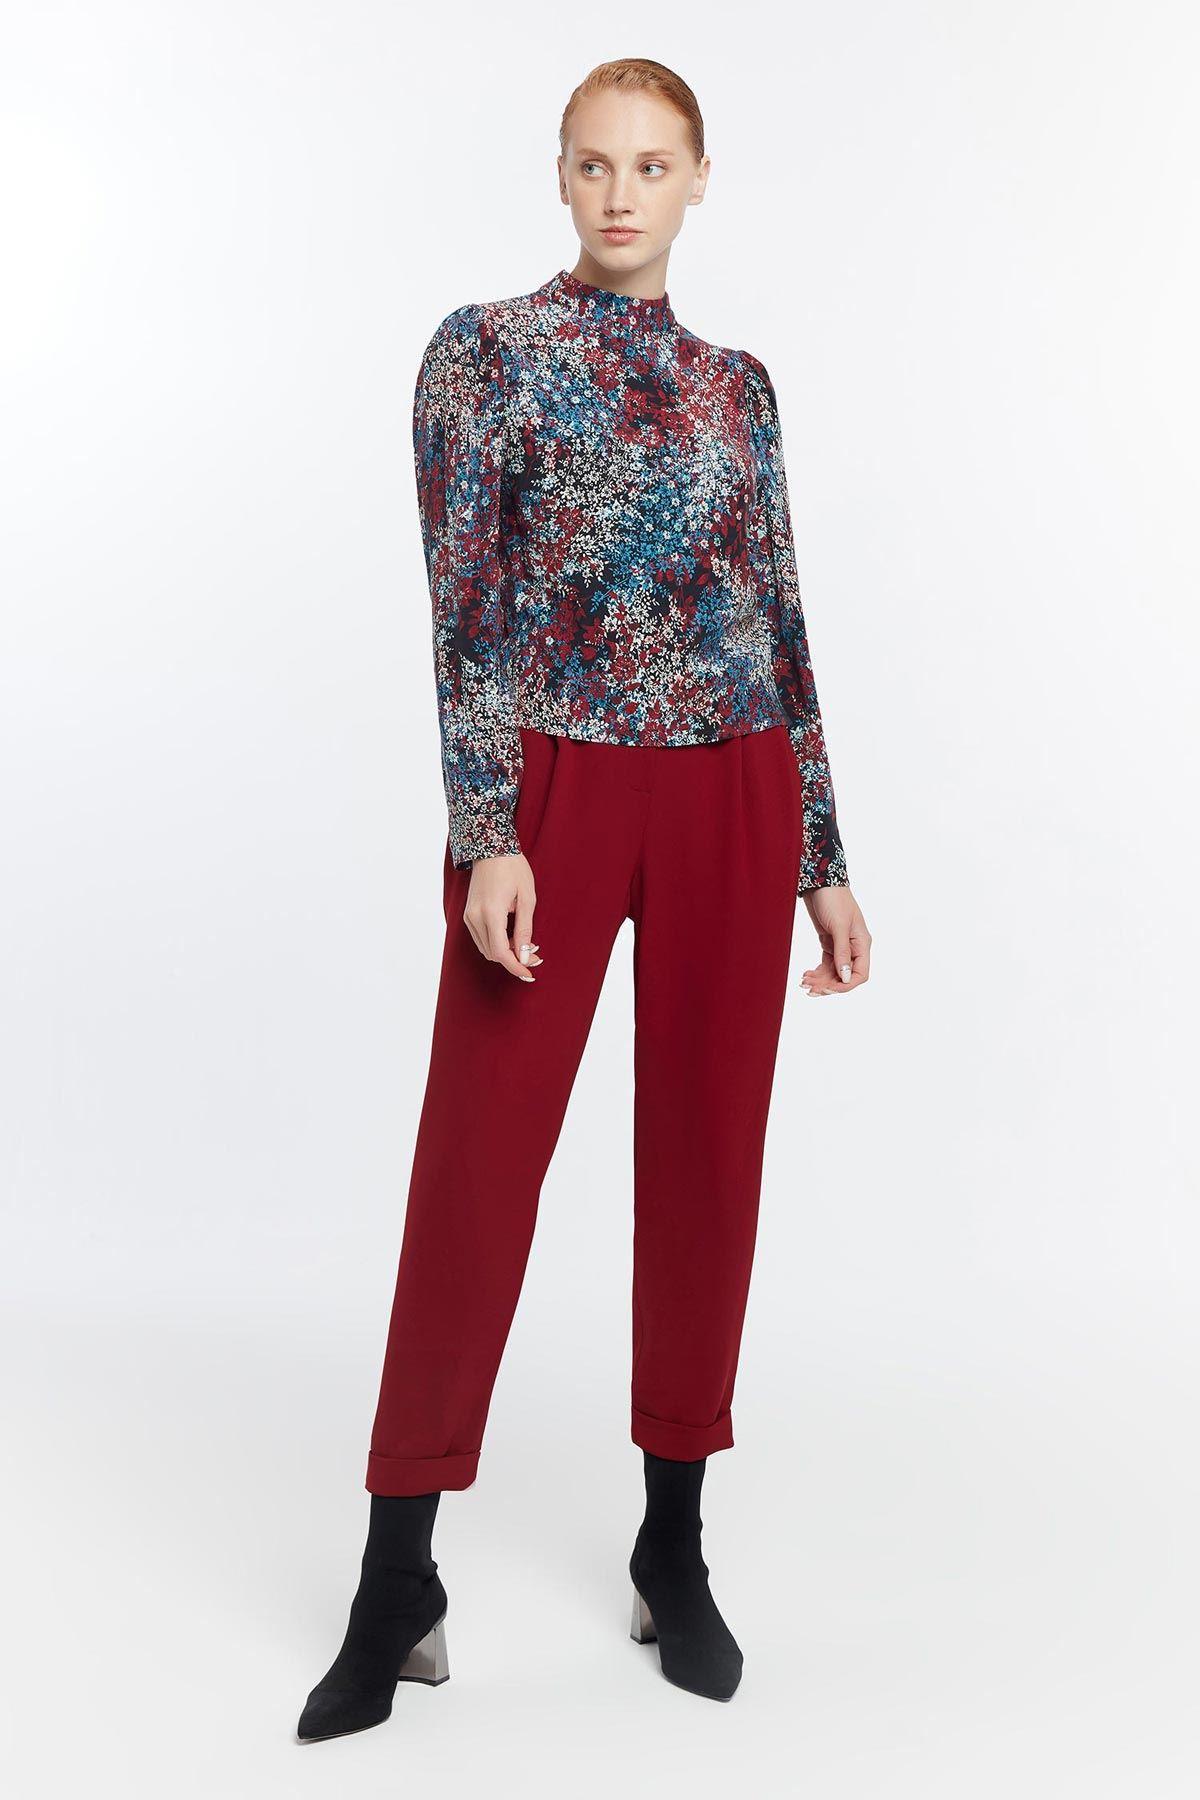 Çiçek desenli bluz Bordo